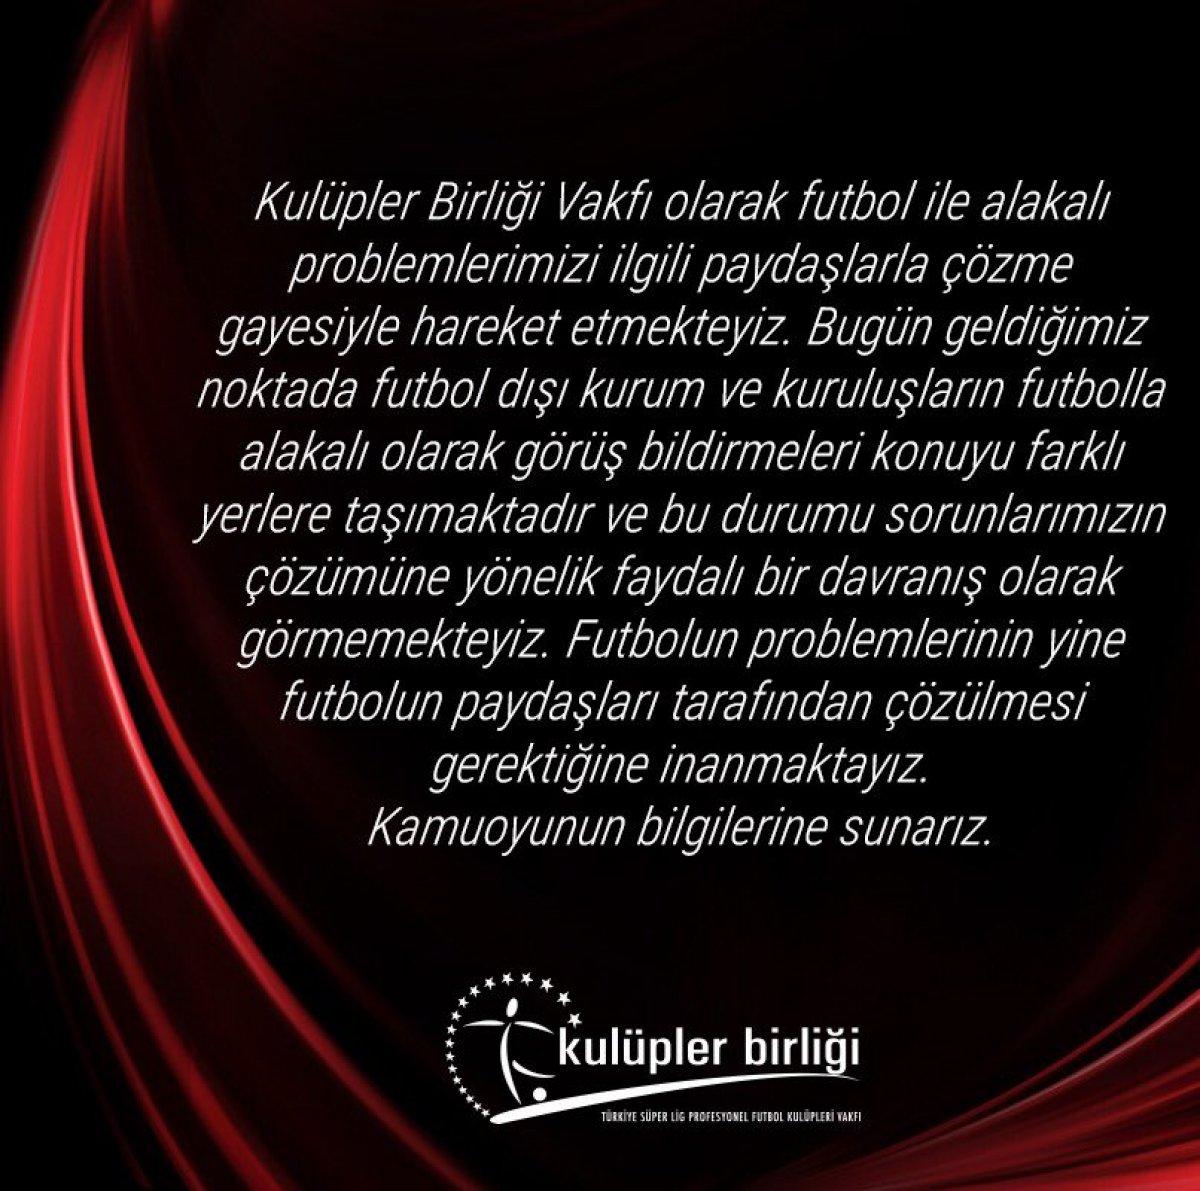 Kulüpler Birliği nden Kılıçdaroğlu na yanıt: Futbolun paydaşları tarafından çözülmeli #2